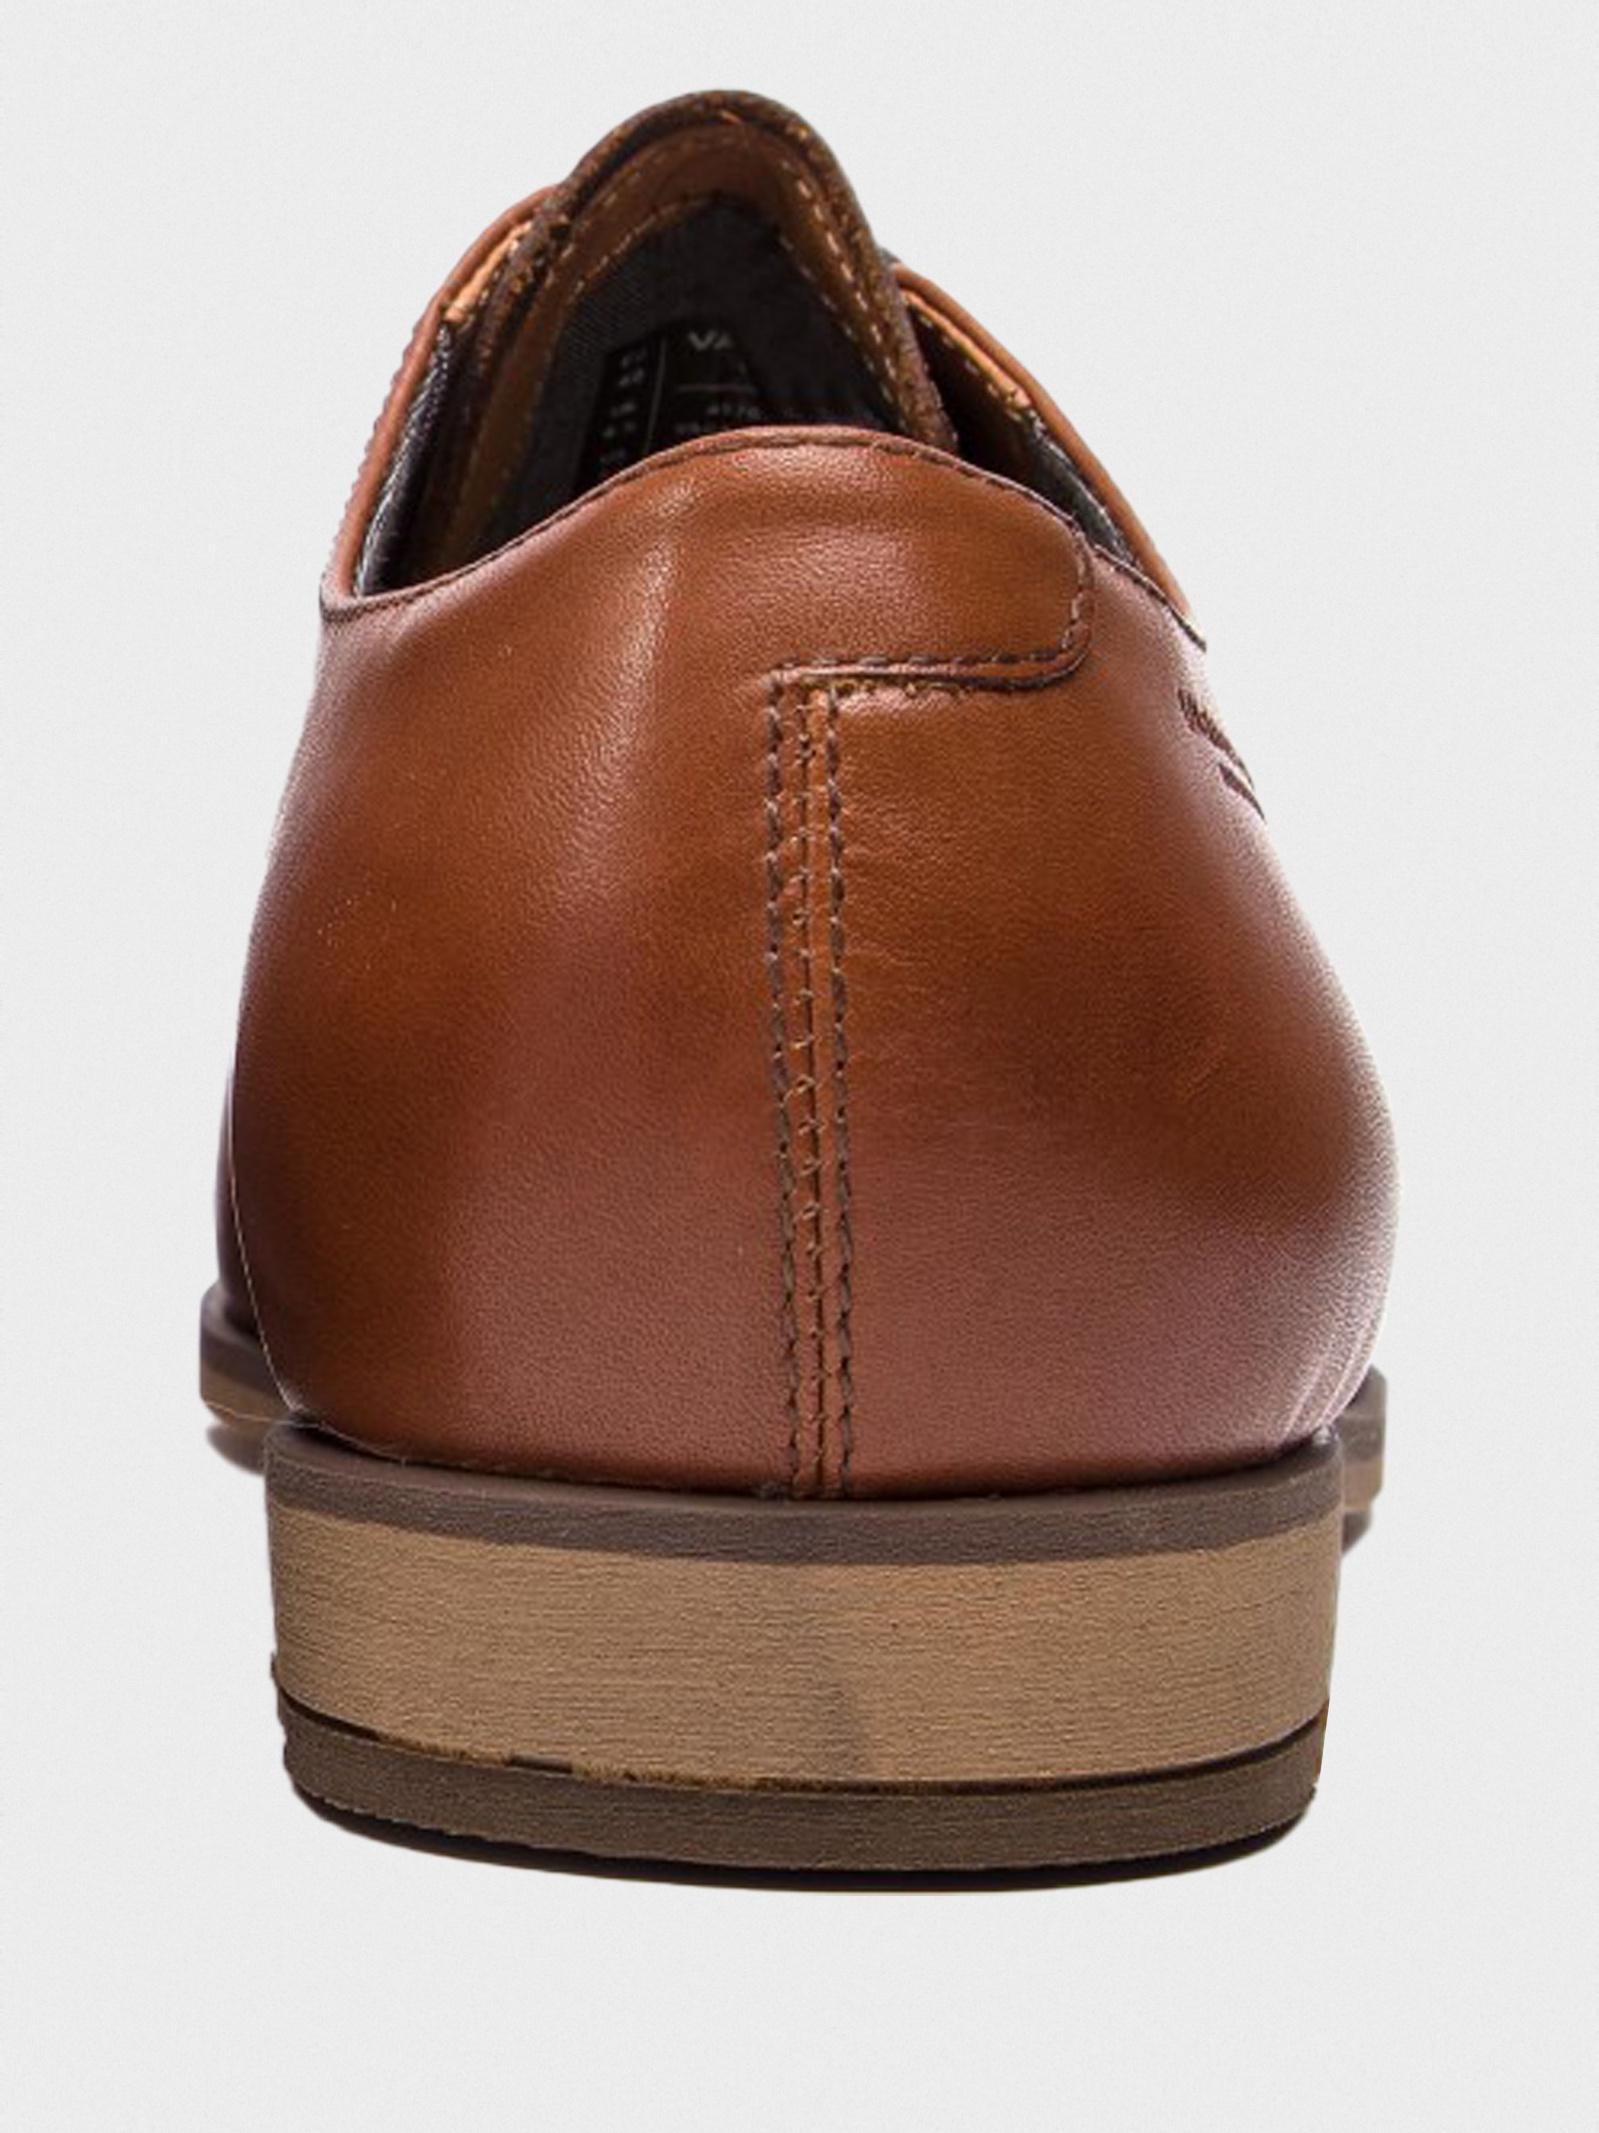 Туфлі  чоловічі VAGABOND LINHOPE 4570-301-27 в Україні, 2017